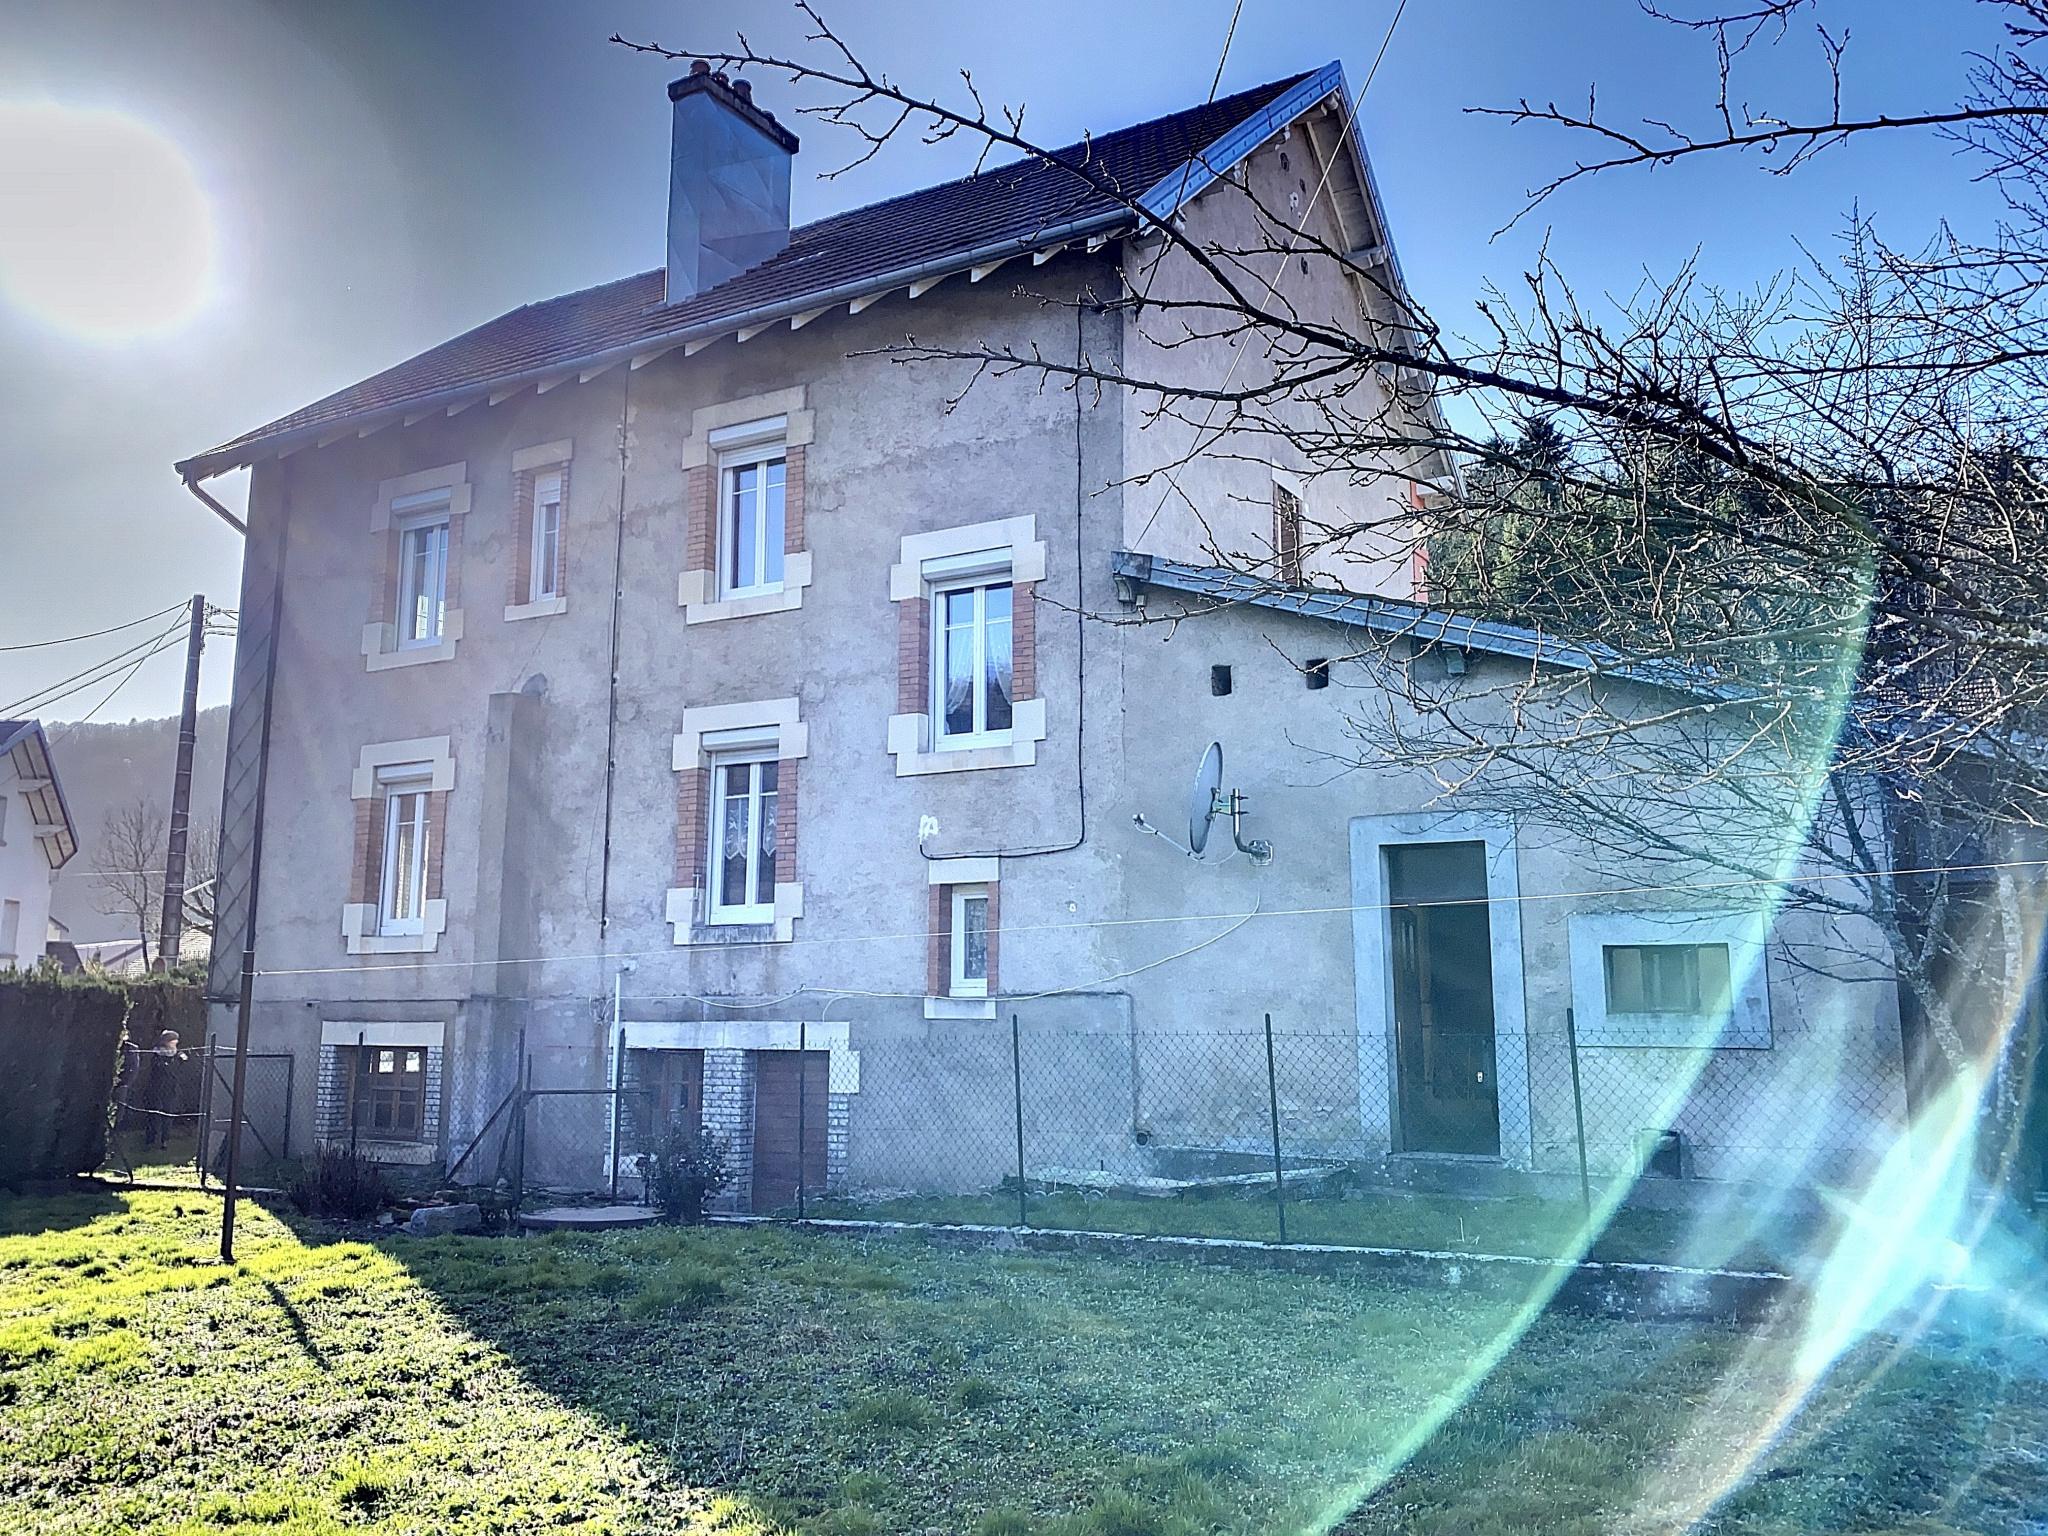 Maison A Renover Italie secteur servance, maison de village à rénover, 6 pièces, terrain de 638 m²